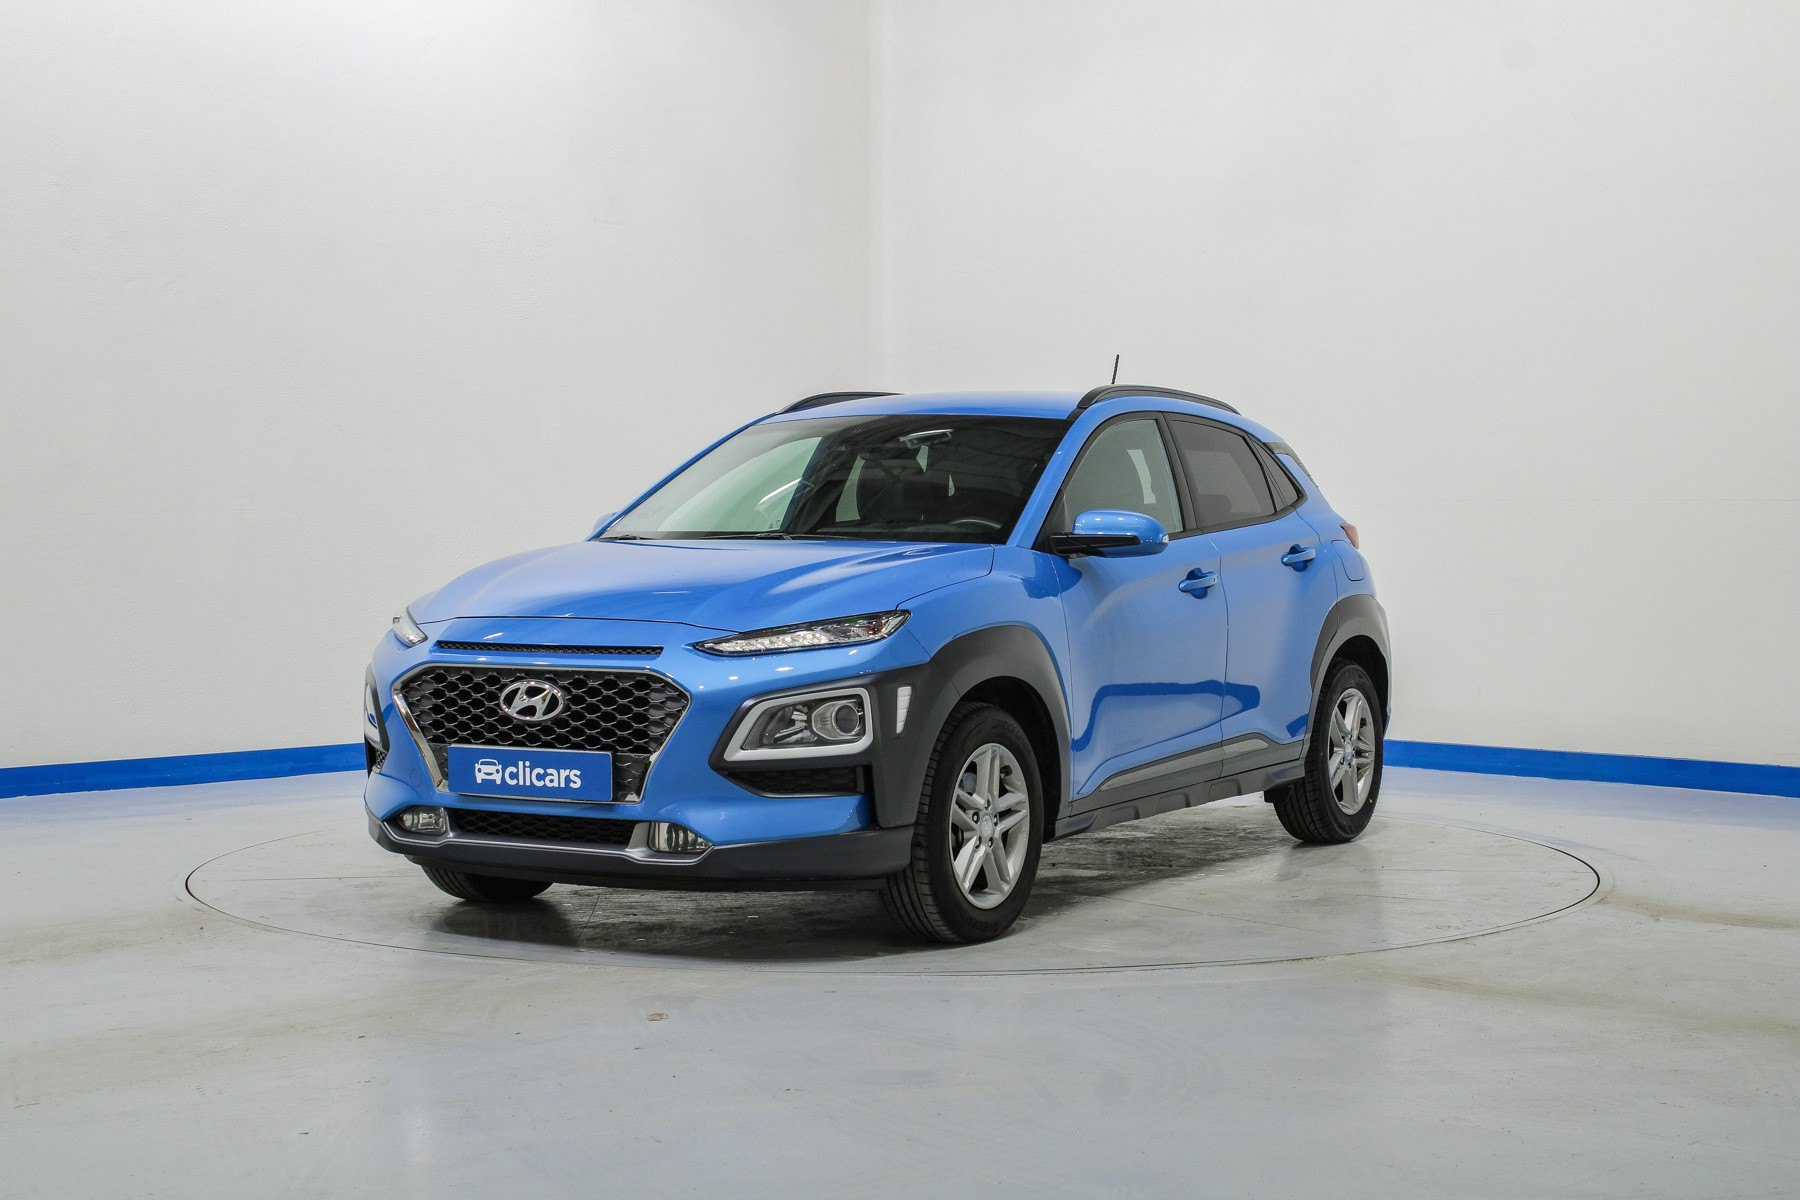 Hyundai Kona Gasolina 1.0 TGDi Tecno 4x2 1